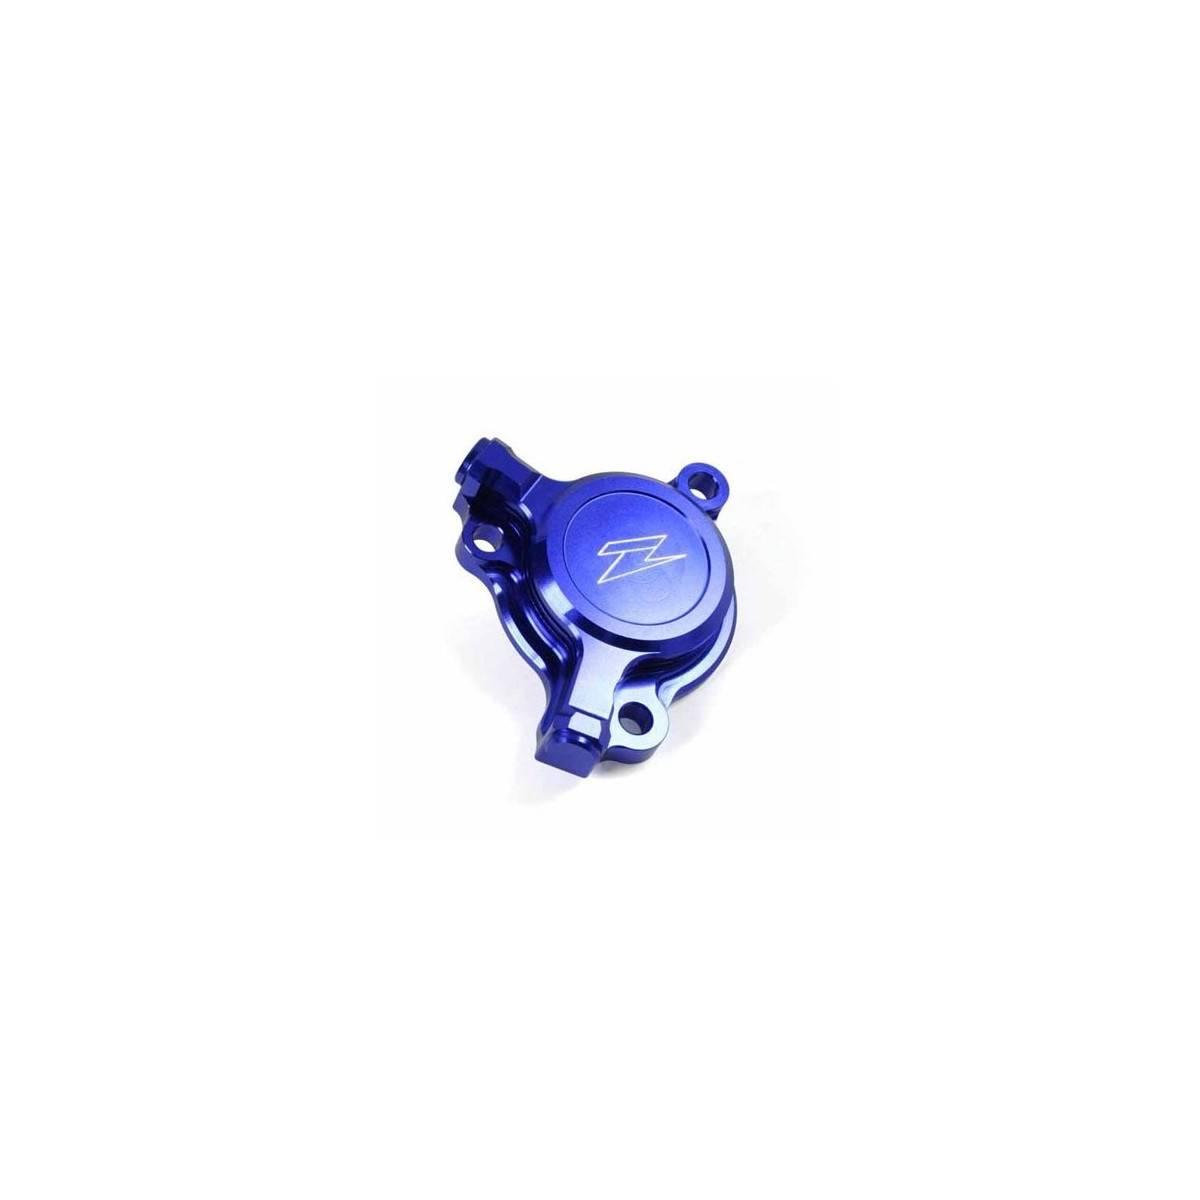 ZE90.1312 - Tapa Filtro Aceite Zeta Wr250X R´07- Azul